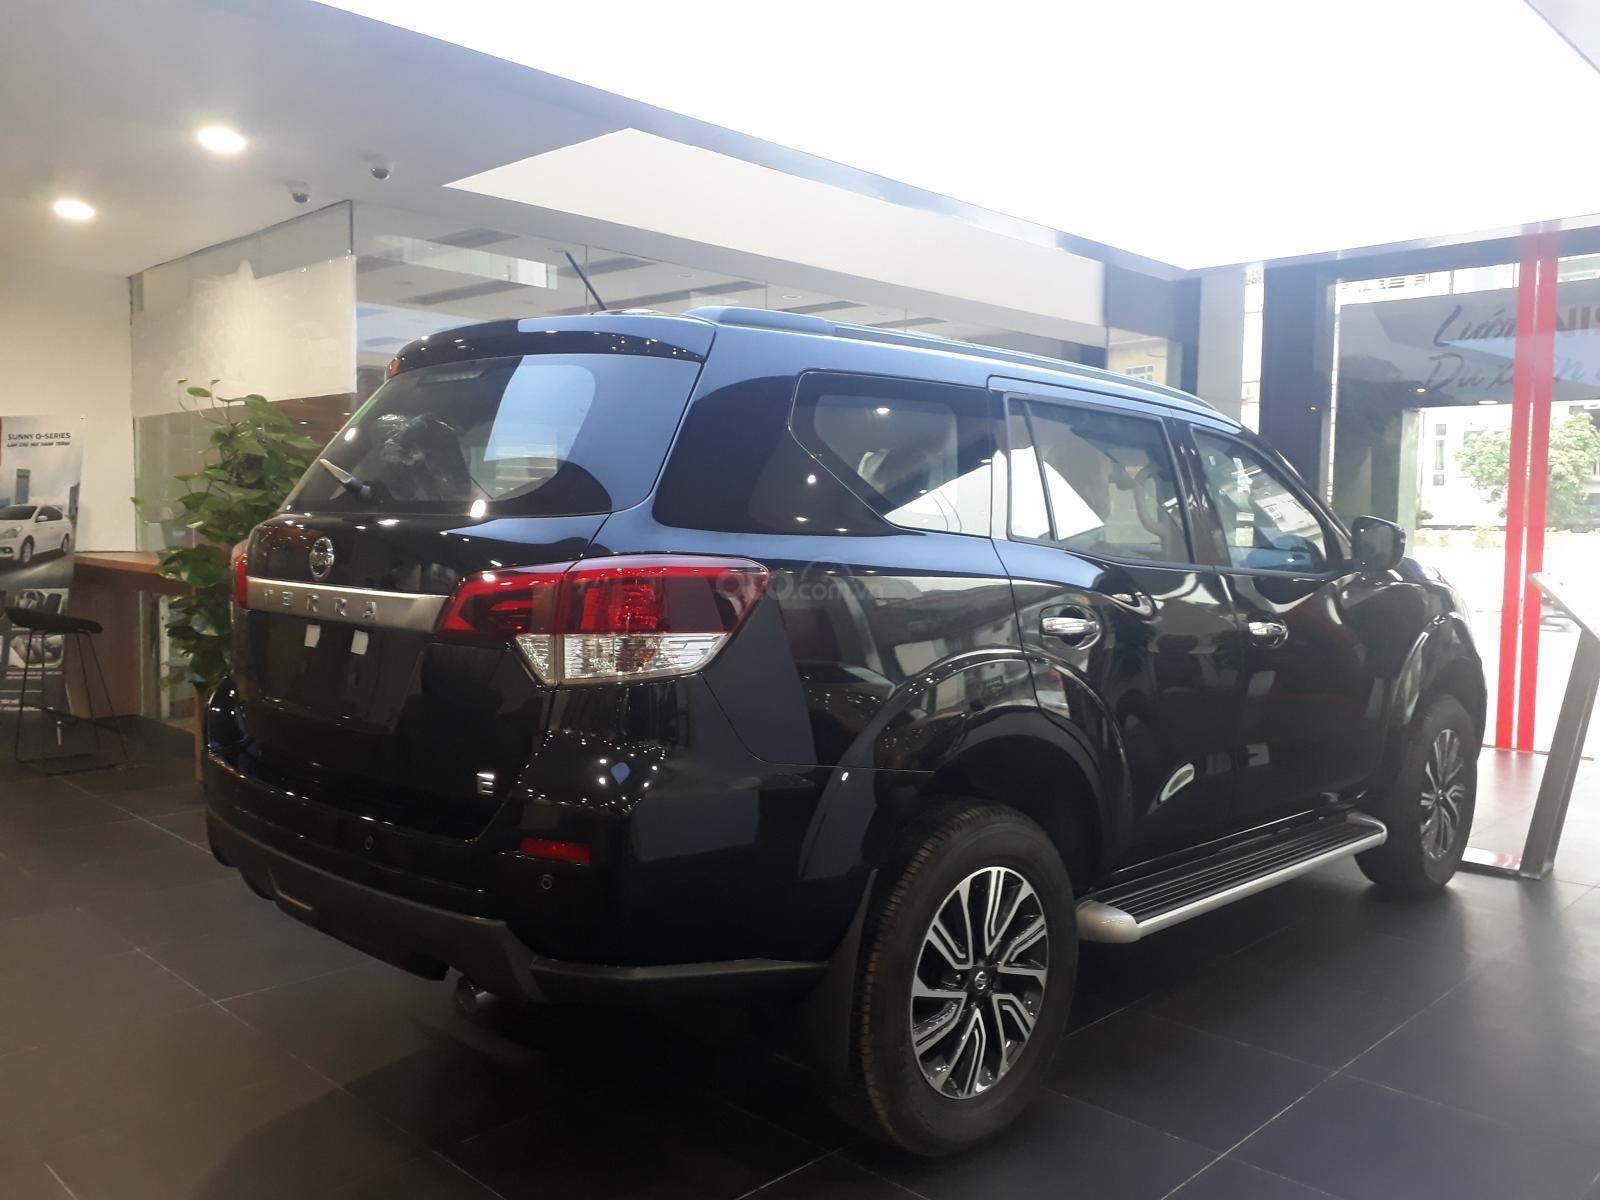 Bán xe Nissan Terra nhập khẩu nguyên chiếc, đầy đủ các phiên bán, S, E, V-3